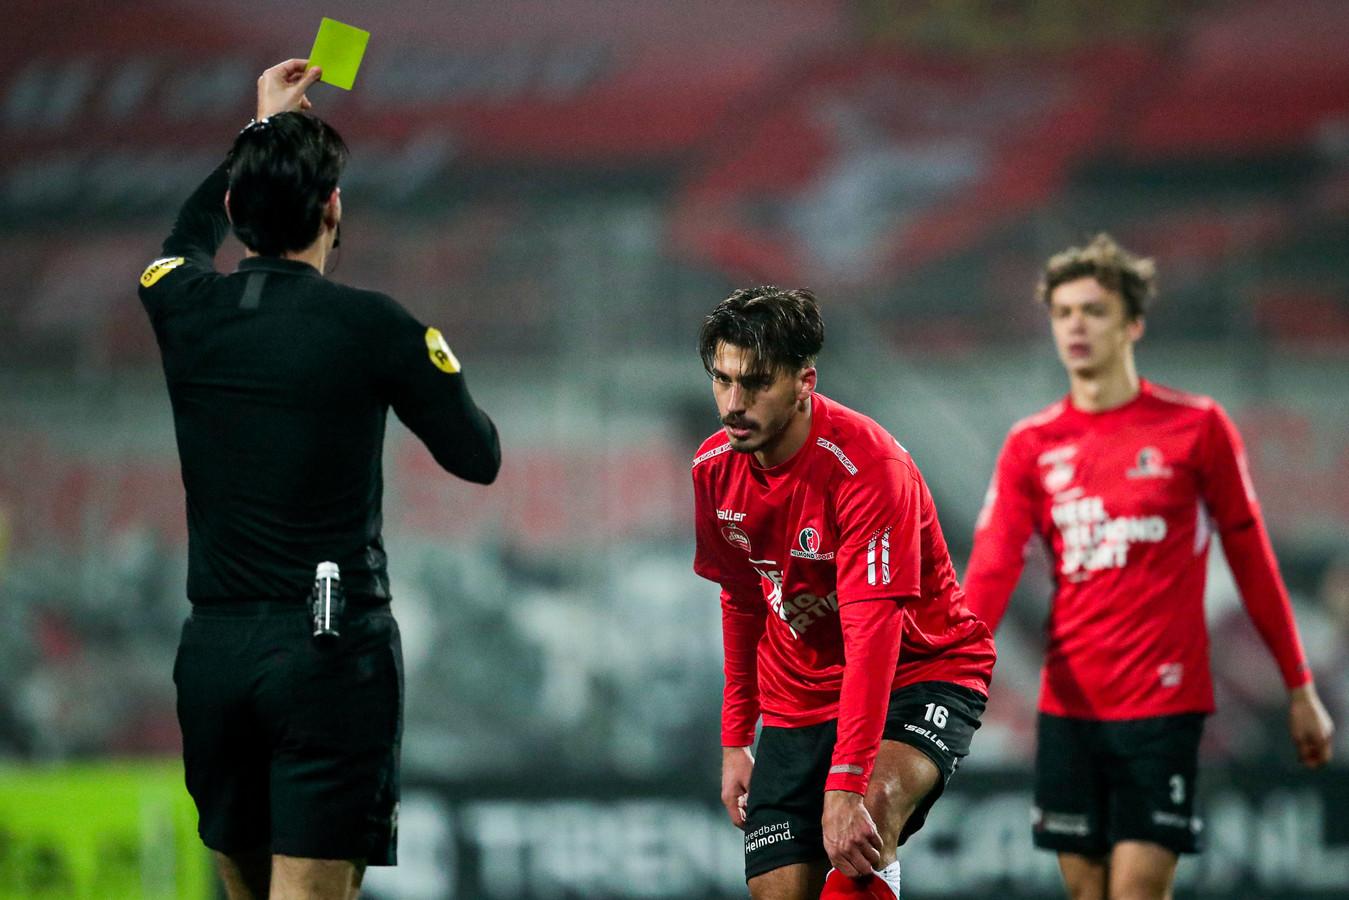 Berk Cetin kwam drie duels in actie voor Helmond Sport, dat hem huurde van Kasimpasa.